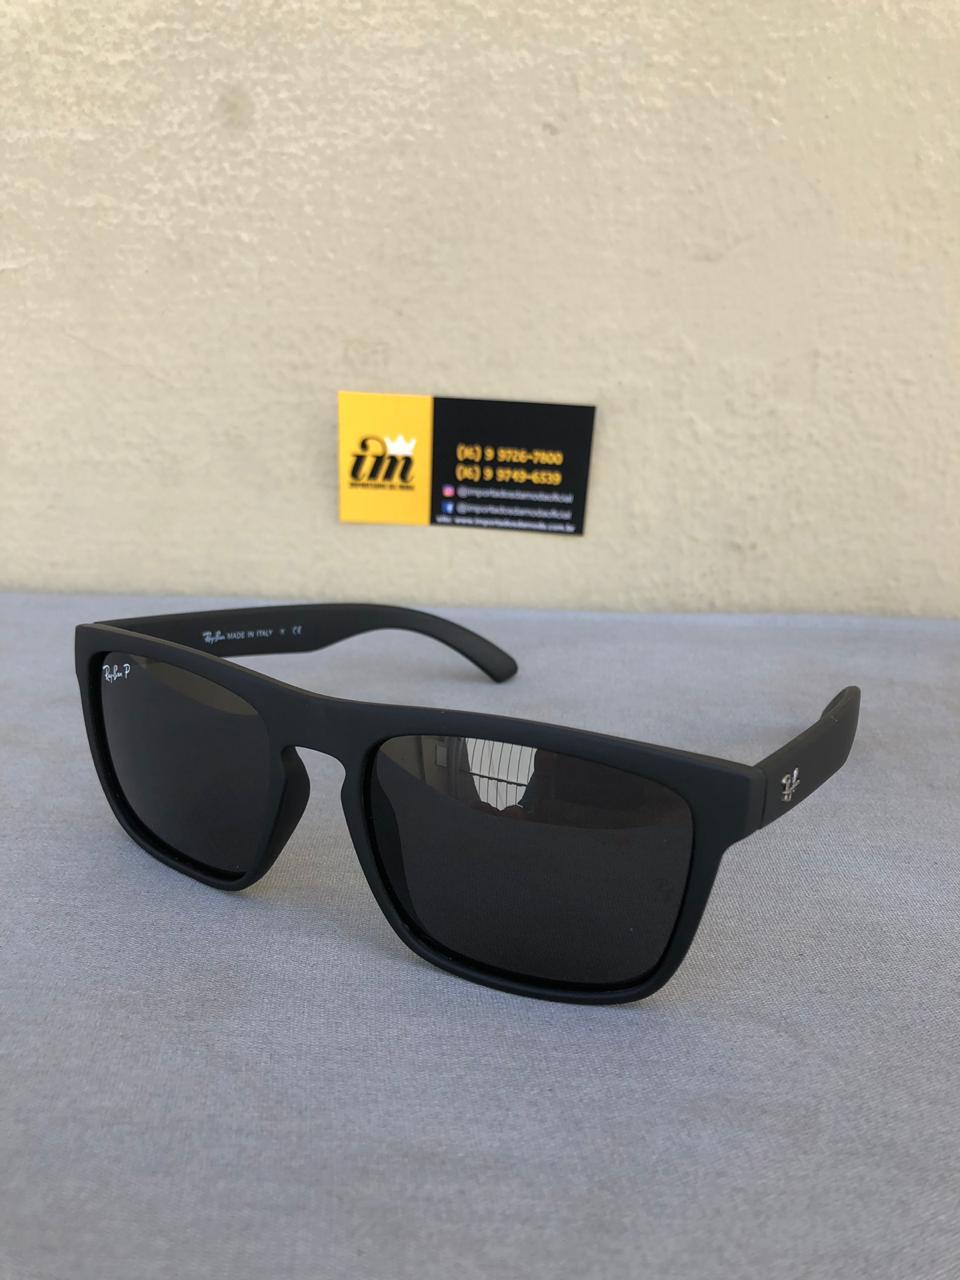 18f5aeabf Fotos reais e detalhadas do produto Ray Ban Justin Replica Oculos Primeira  Linha